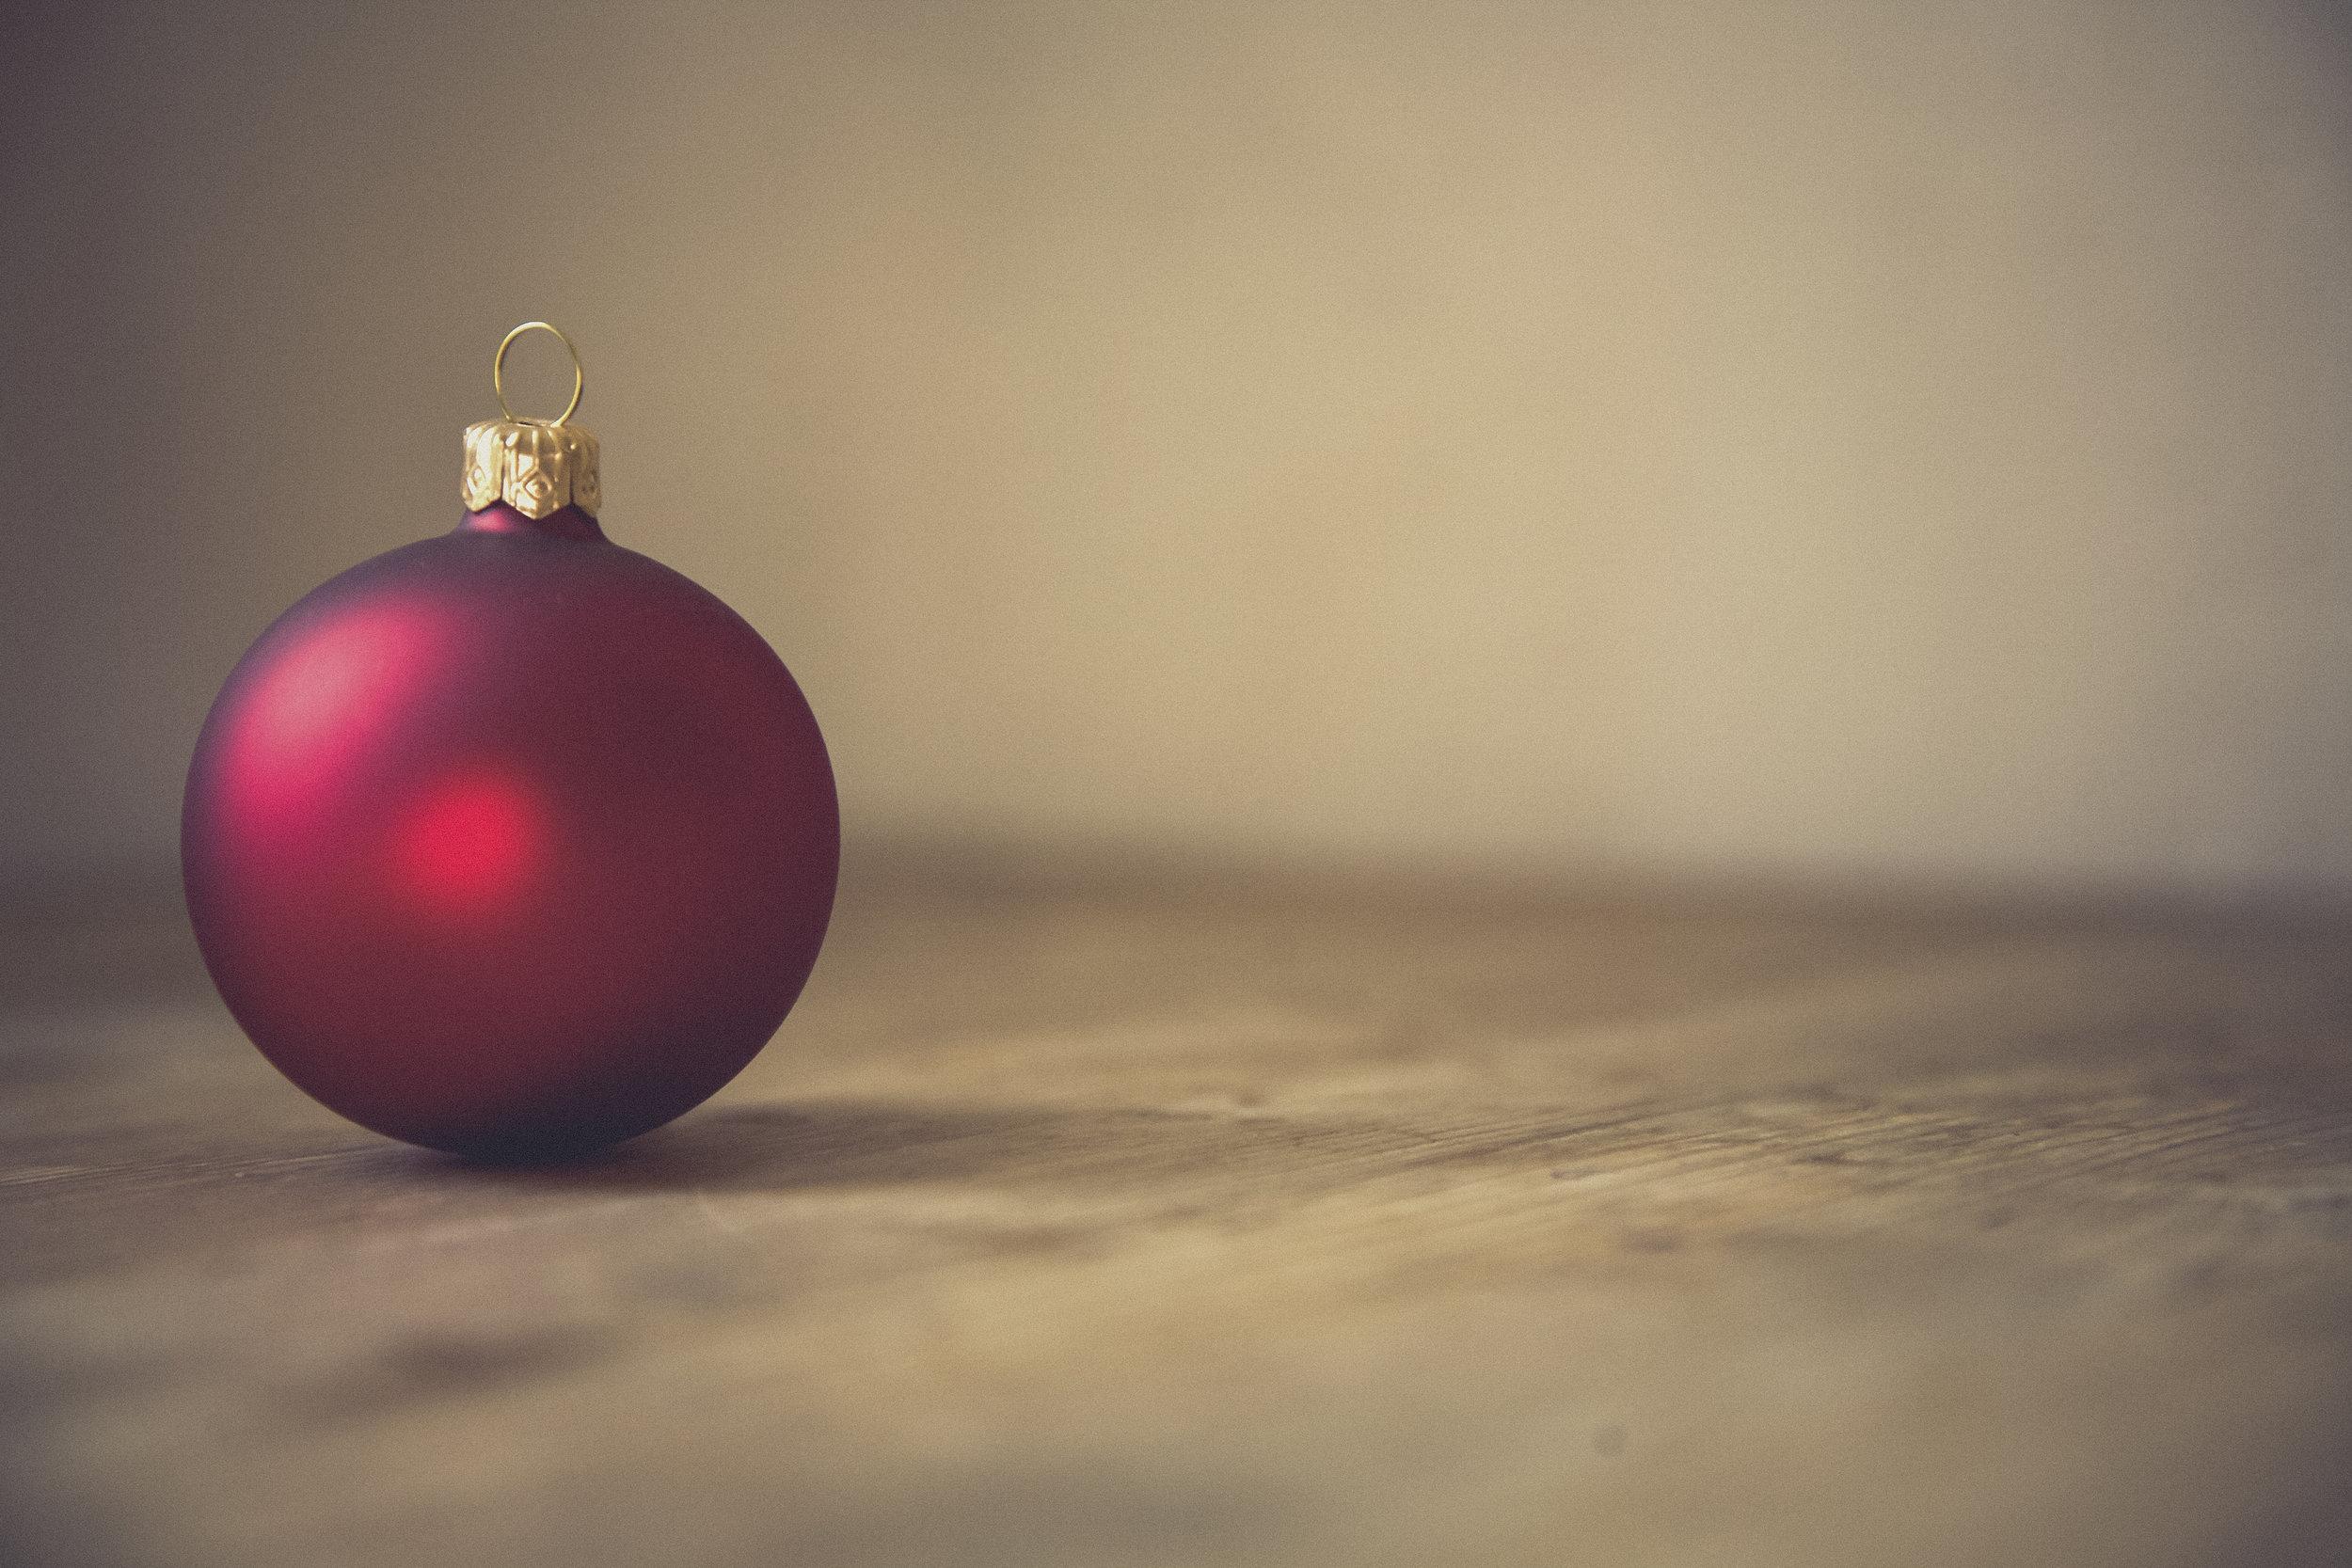 Christmas-ball.jpeg